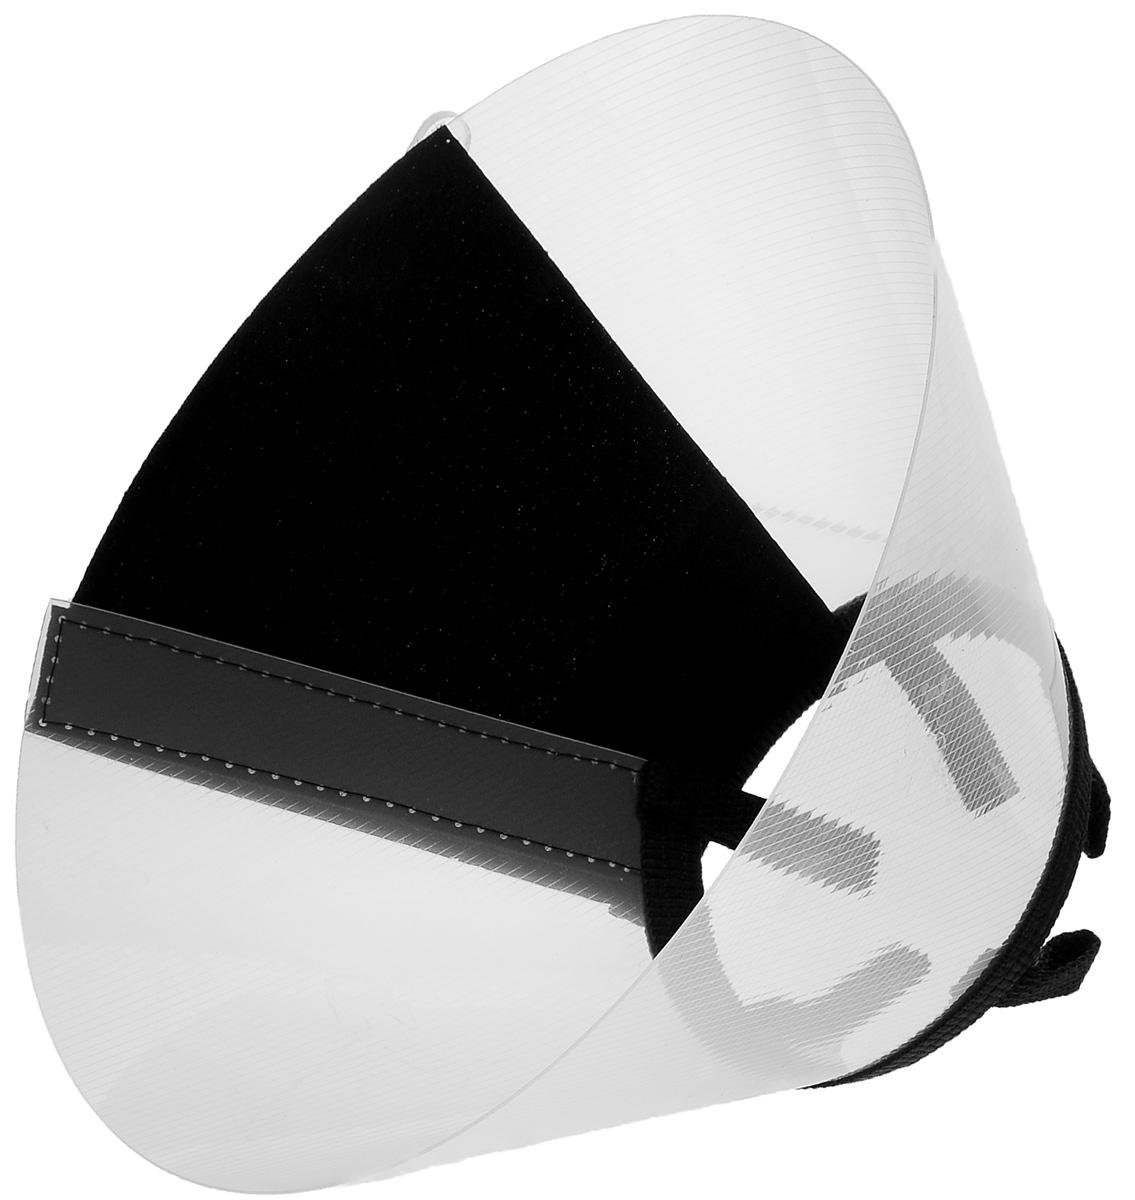 Воротник защитный Талисмед, на липучке, обхват шеи 28-33 см0120710Защитный воротник Талисмед изготовлен из высококачественного нетоксичного пластика, который позволяет сохранять углы обзора для животного. Изделие разработано для ограничения доступа собаки к заживающей ране или послеоперационному шву. Простота в эксплуатации позволяет хозяевам самостоятельно одевать и снимать защитный воротник с собаки. Воротник крепится закрепляется при помощи липучки.Обхват шеи: 28-33 см.Высота воротника: 13 см.